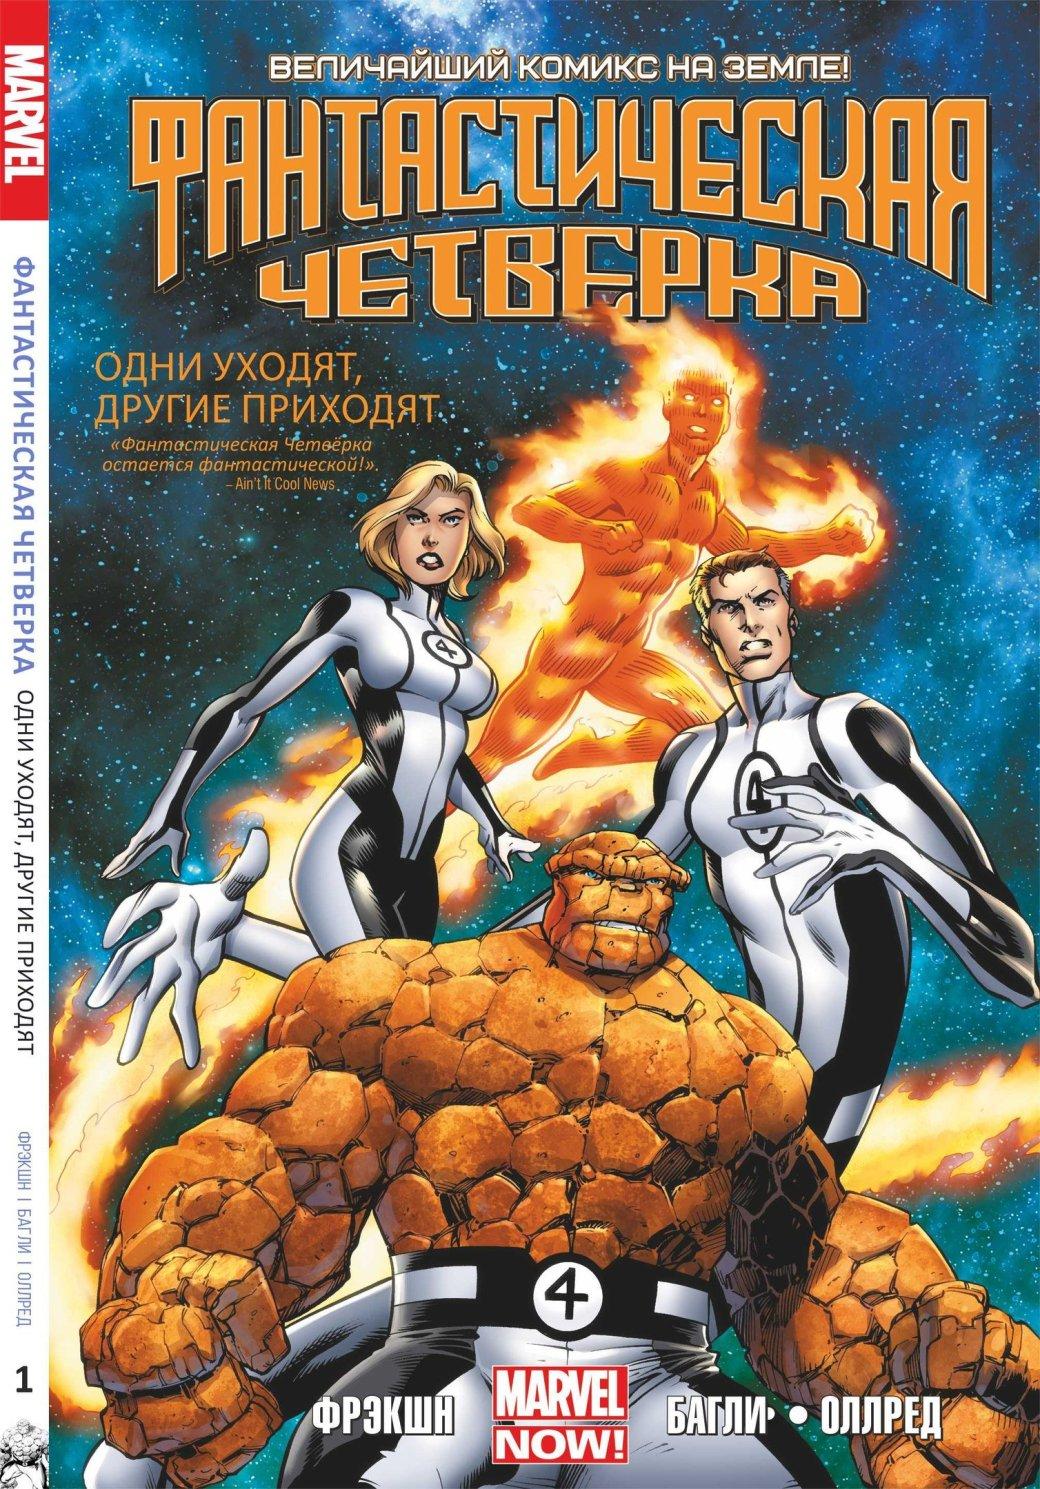 «Фантастическую четверку» выпустят на русском издатели из Казахстана - Изображение 1